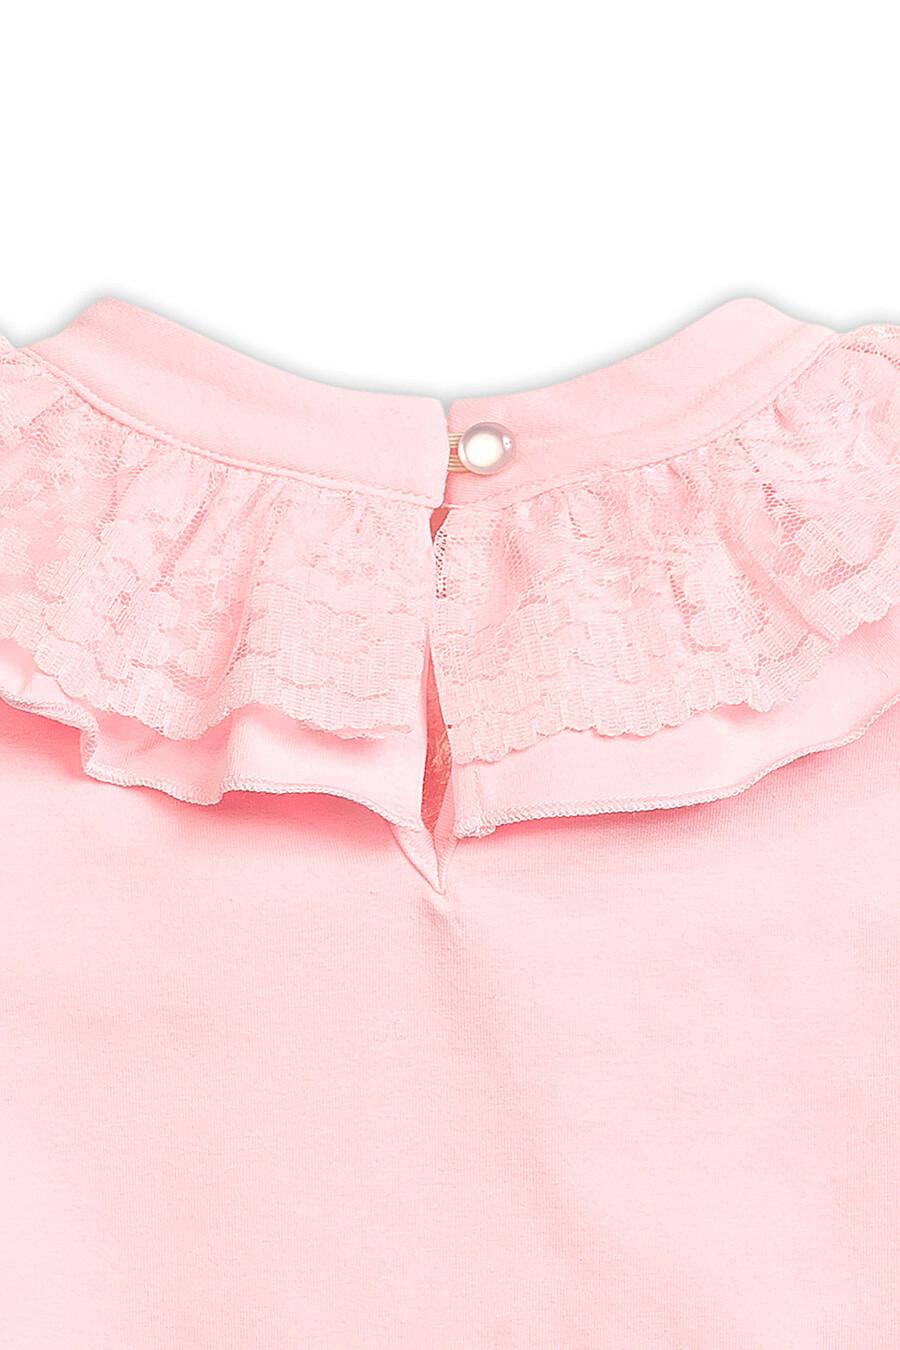 Блузка для девочек PELICAN 218537 купить оптом от производителя. Совместная покупка детской одежды в OptMoyo